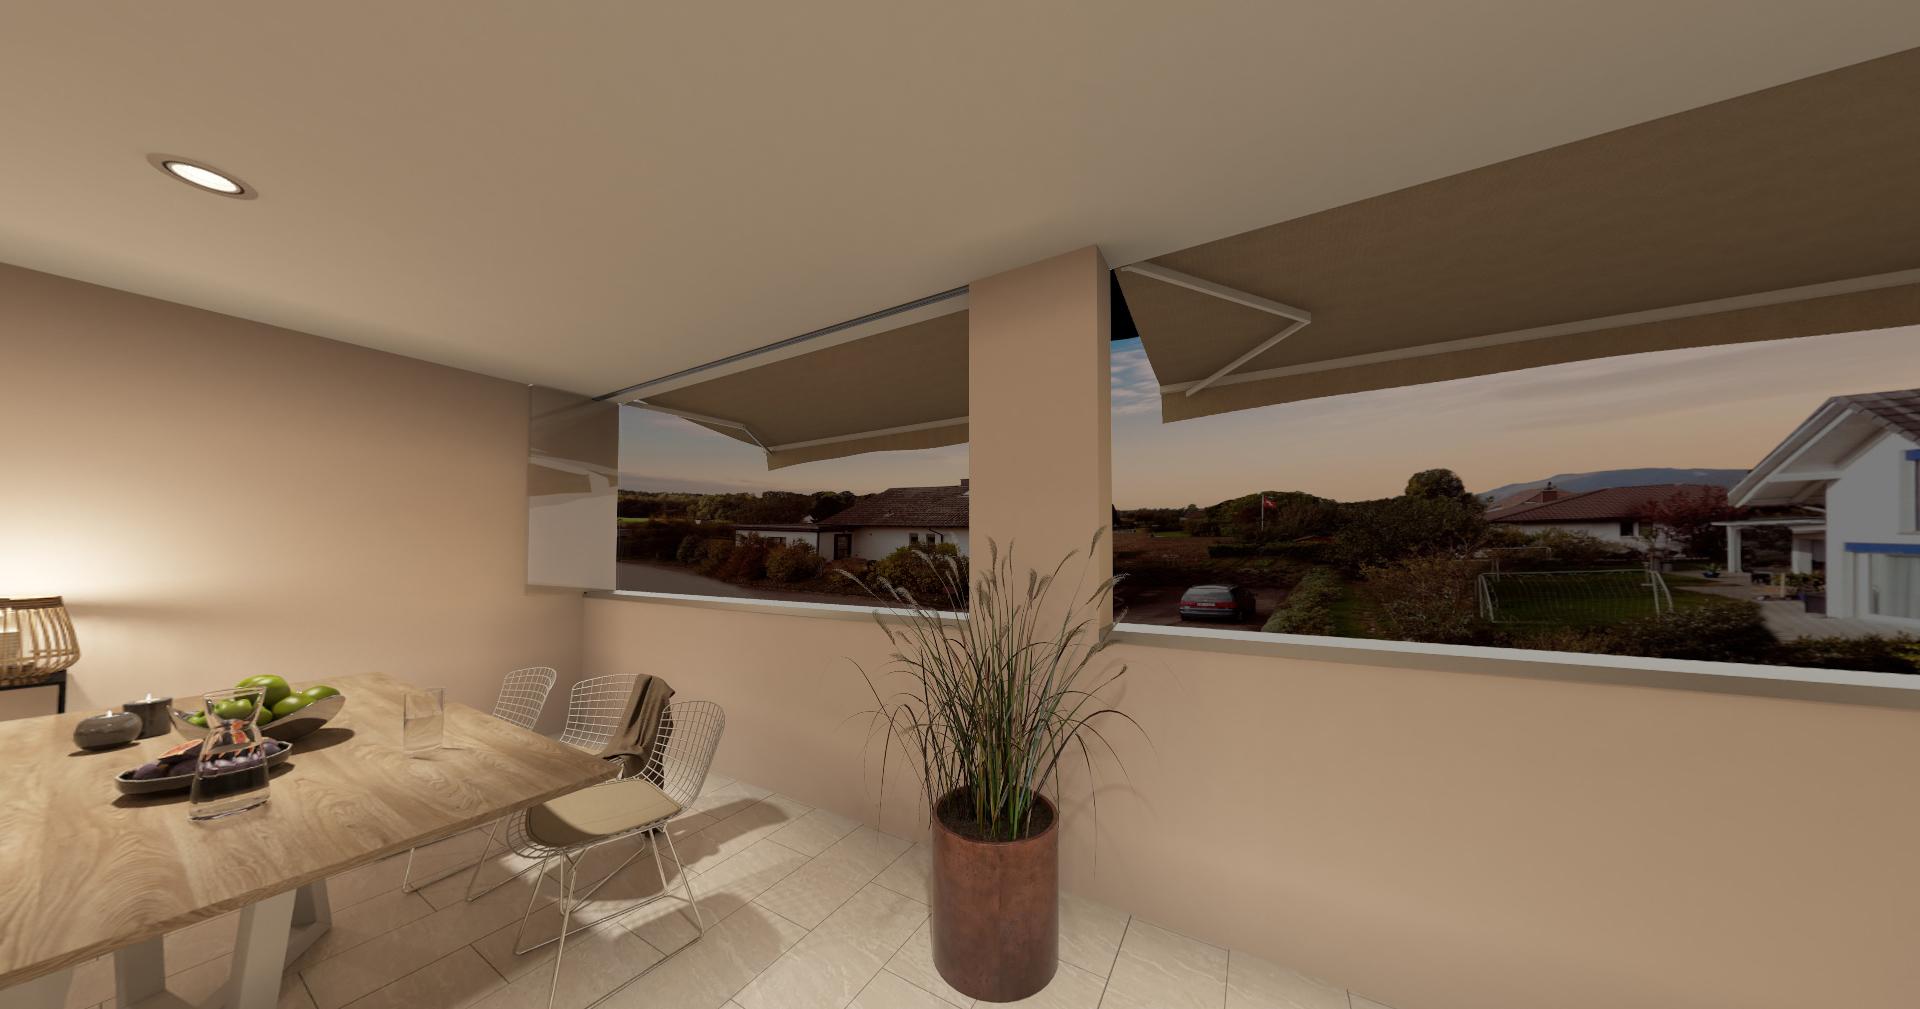 westfield_mehrfamilienhaus_haerkingen_balkon_4.5_zimmer_wohnung_3.jpg